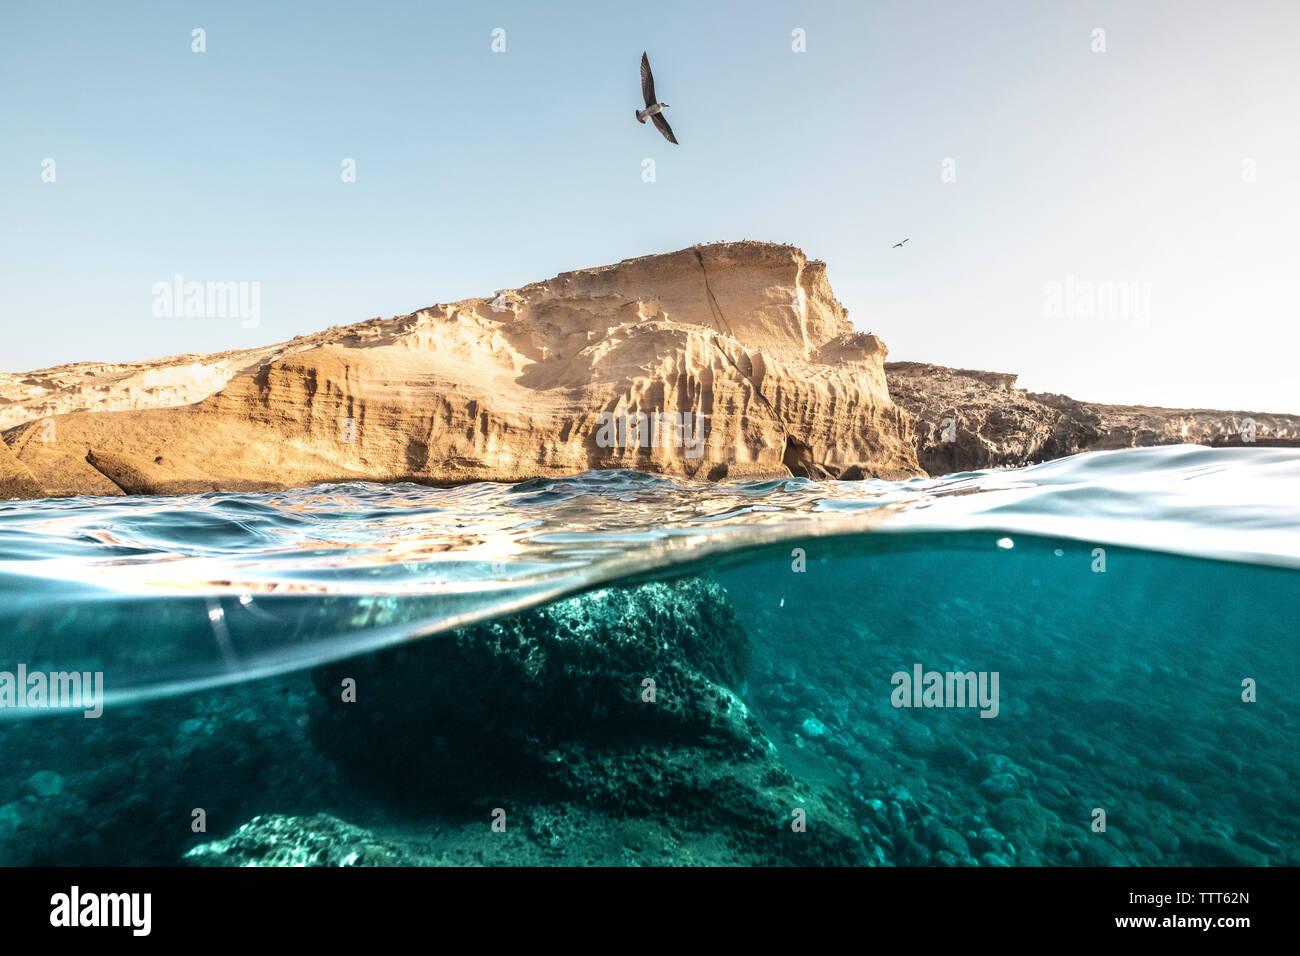 Por encima/debajo de un amarillo bluff y el arrecife bajo el agua en Tenerife Foto de stock